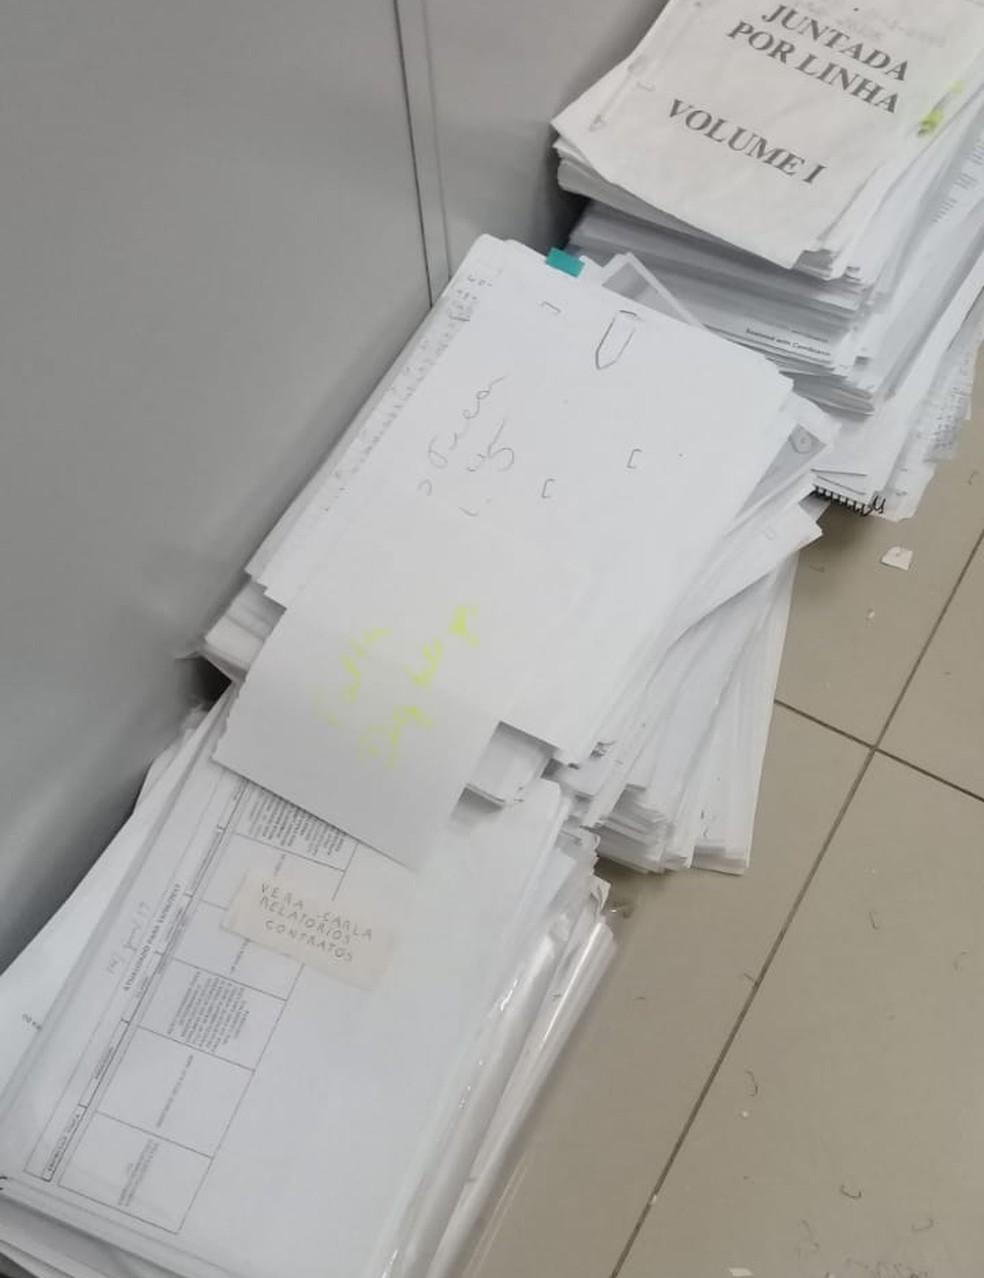 Documentos atribuídos ao senador cassado Luiz Estevão foram apreendidos pela Polícia Civil — Foto: Polícia Civil do DF/Divulgação